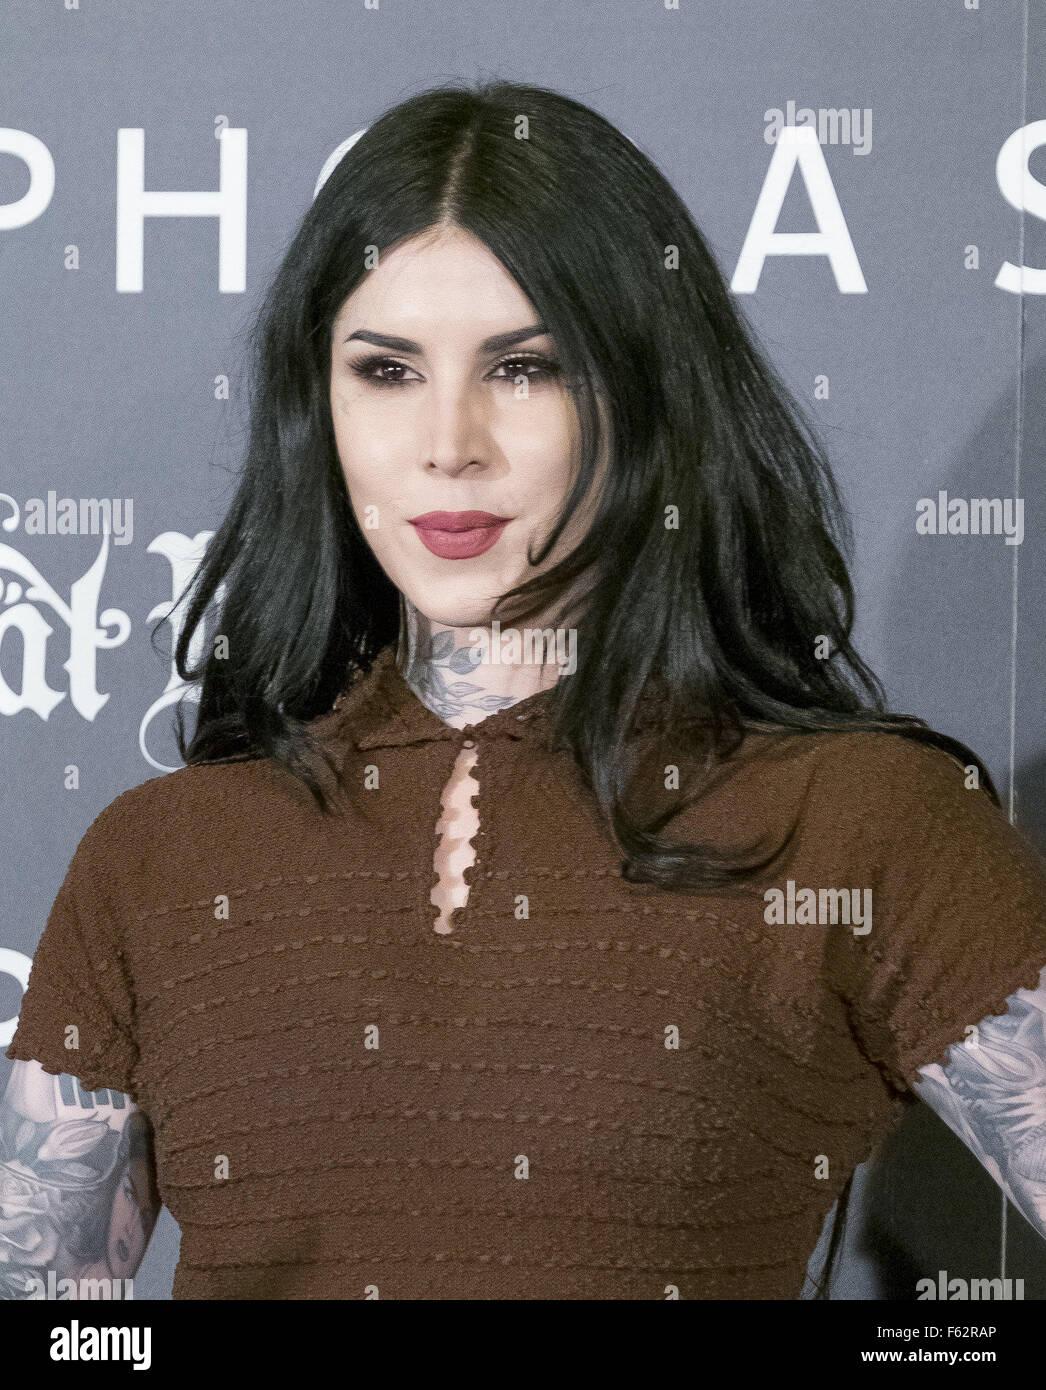 Artiste de tatouage Kat Von D présente sa nouvelle ligne de maquillage Sephora au Cines Callao City Lights Photo Stock